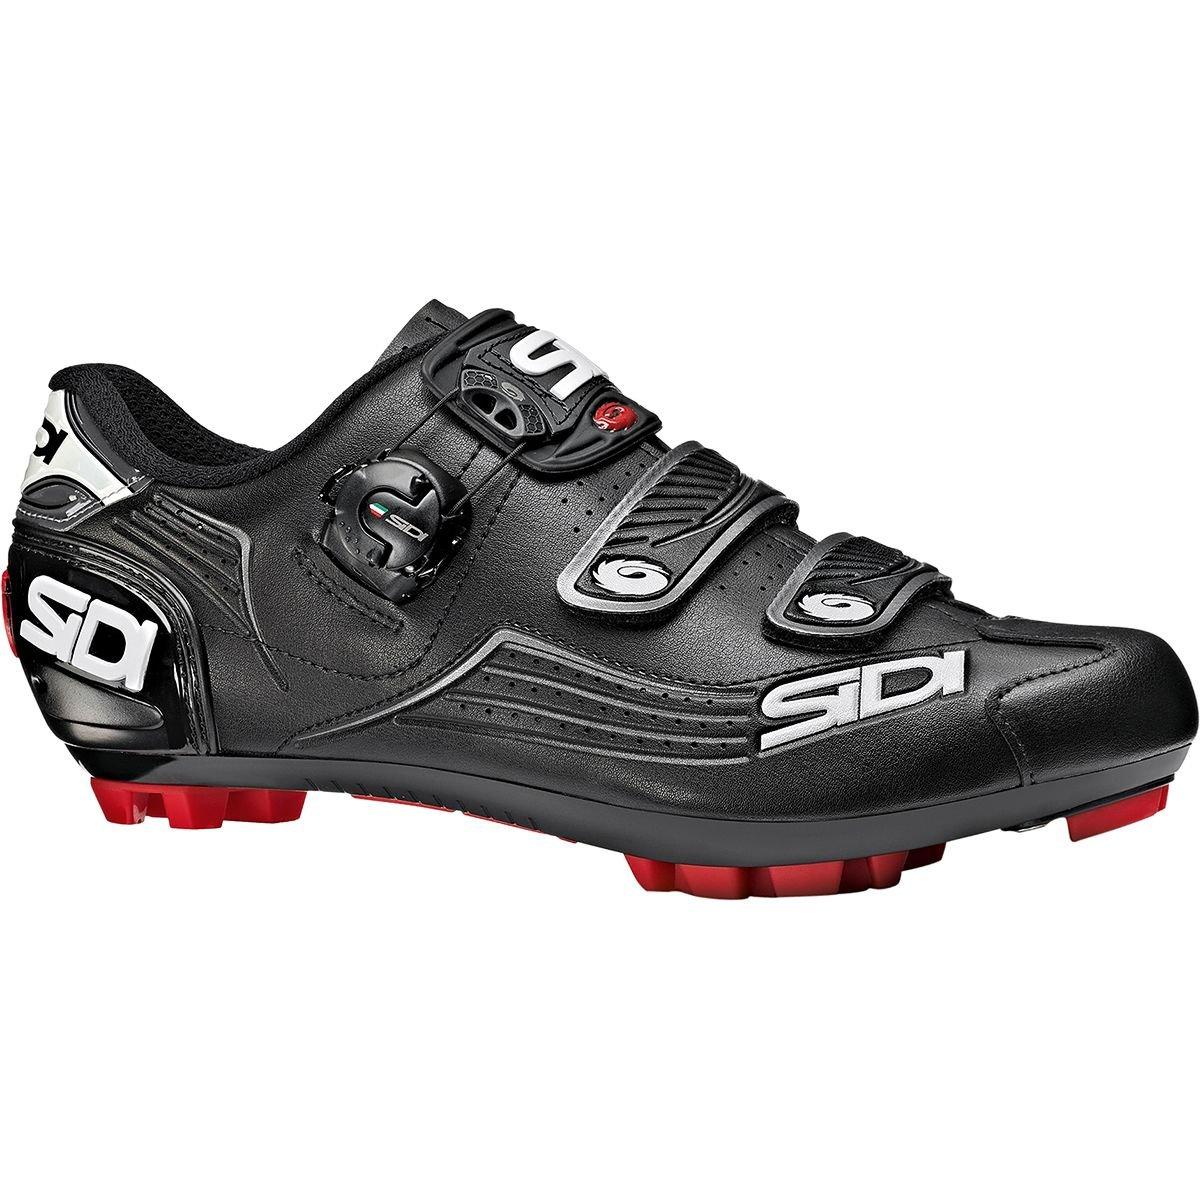 Sidi Zapatillas MTB Trace Negro-Negro 42.5 EU Venta de calzado deportivo de moda en línea